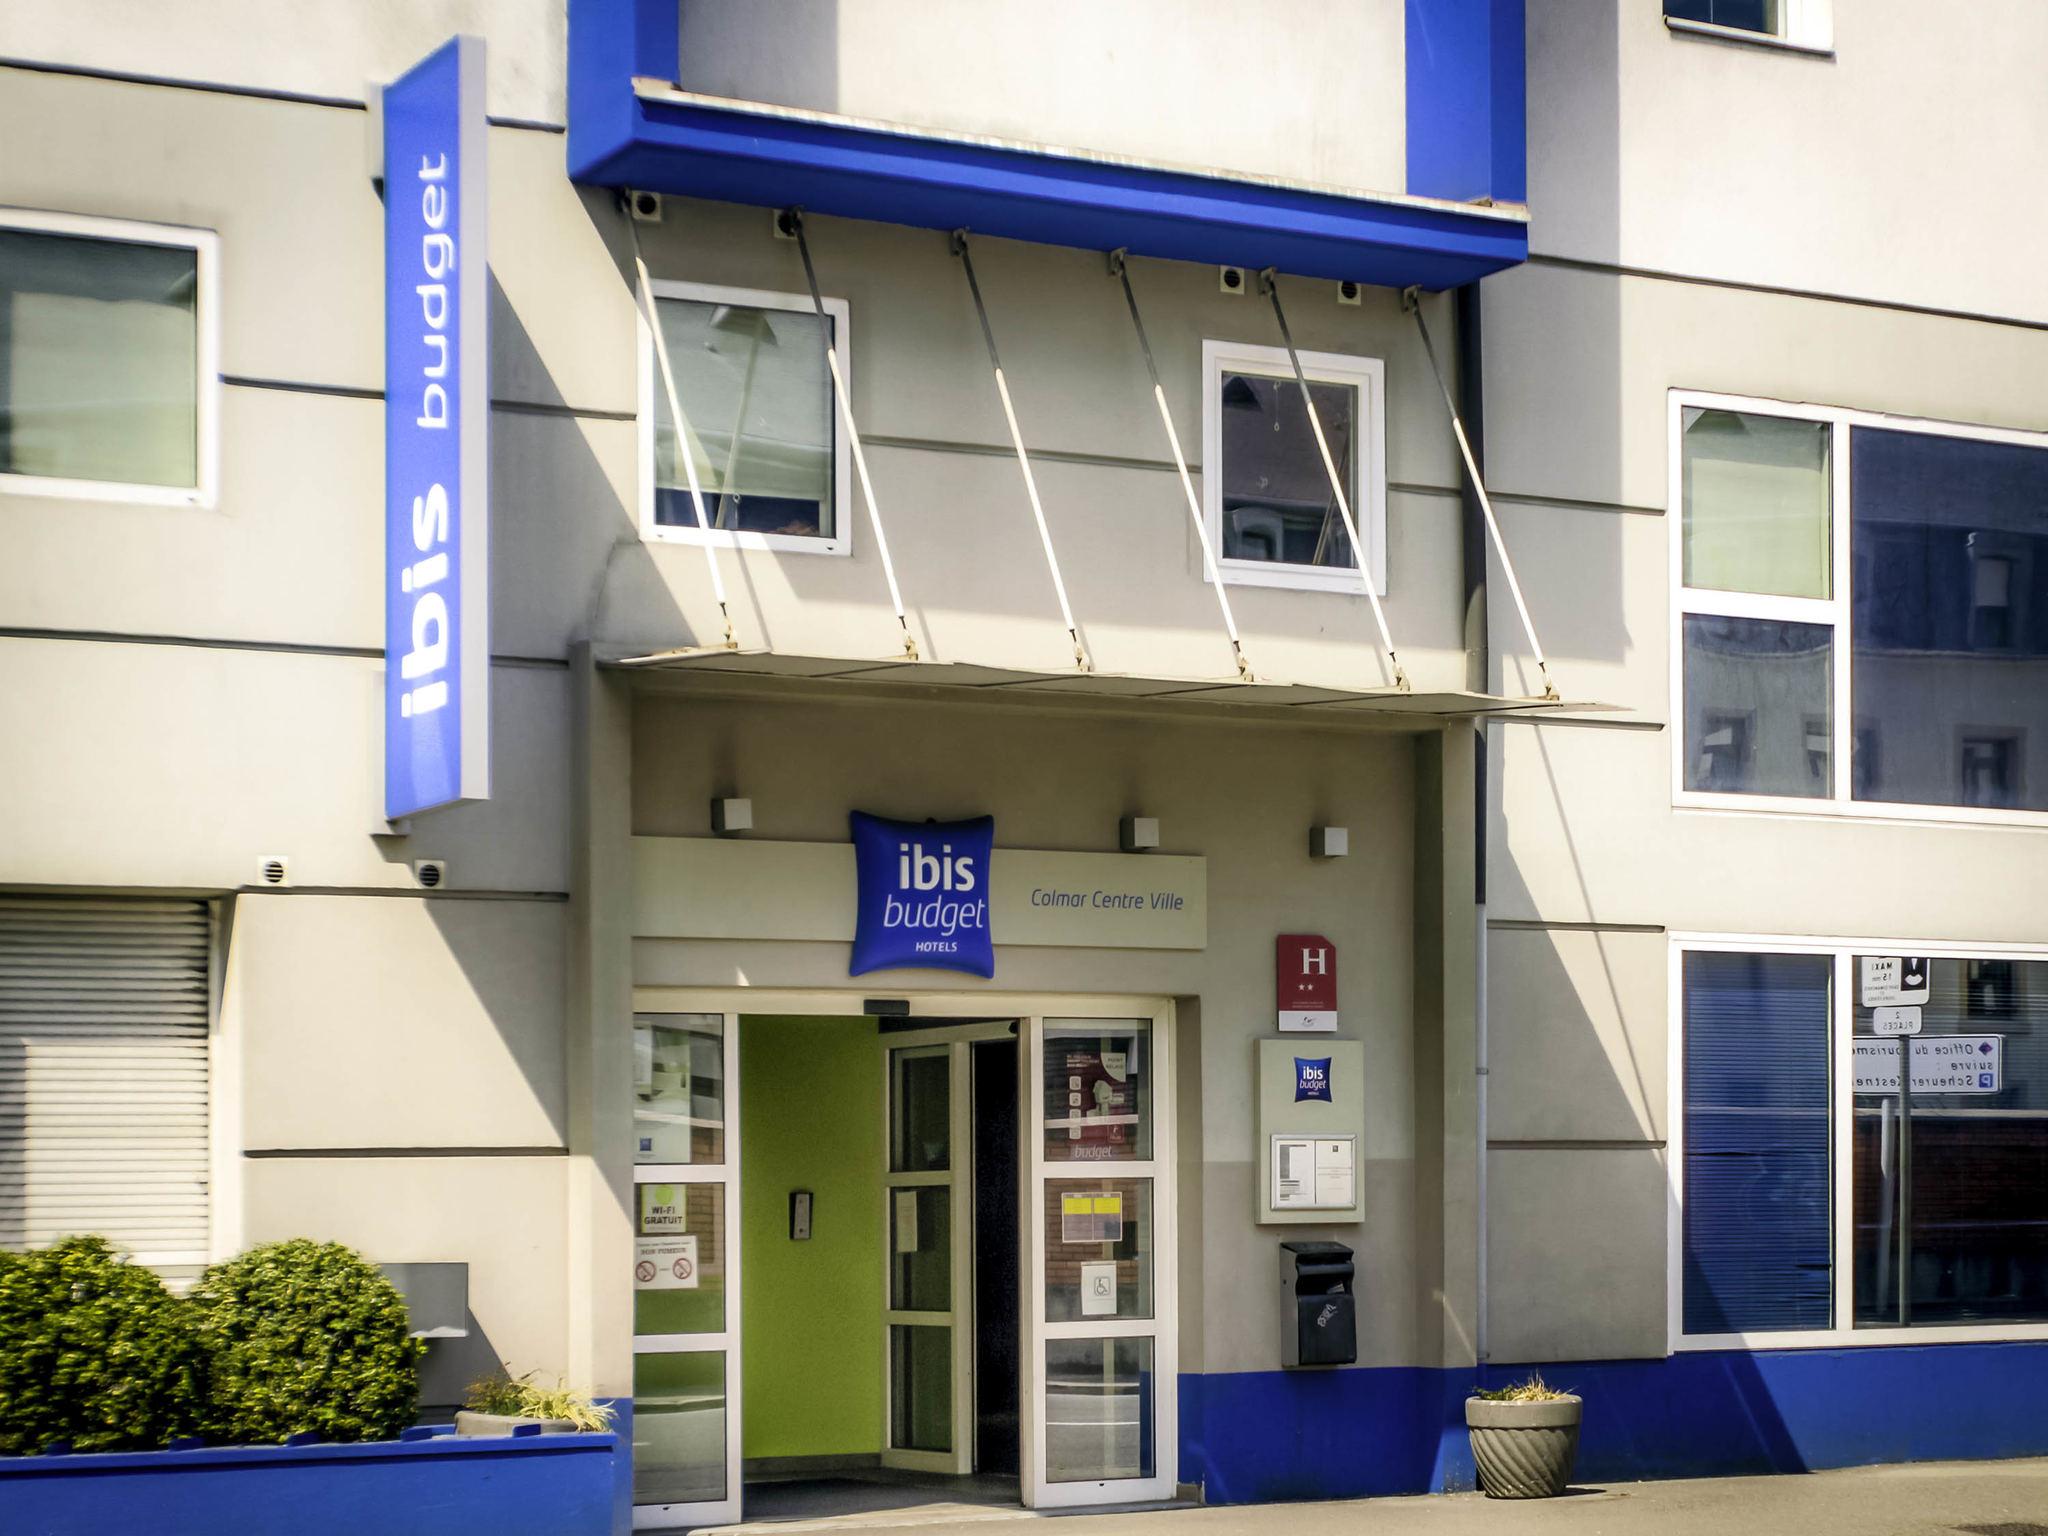 酒店 – ibis budget 科尔马市中心酒店